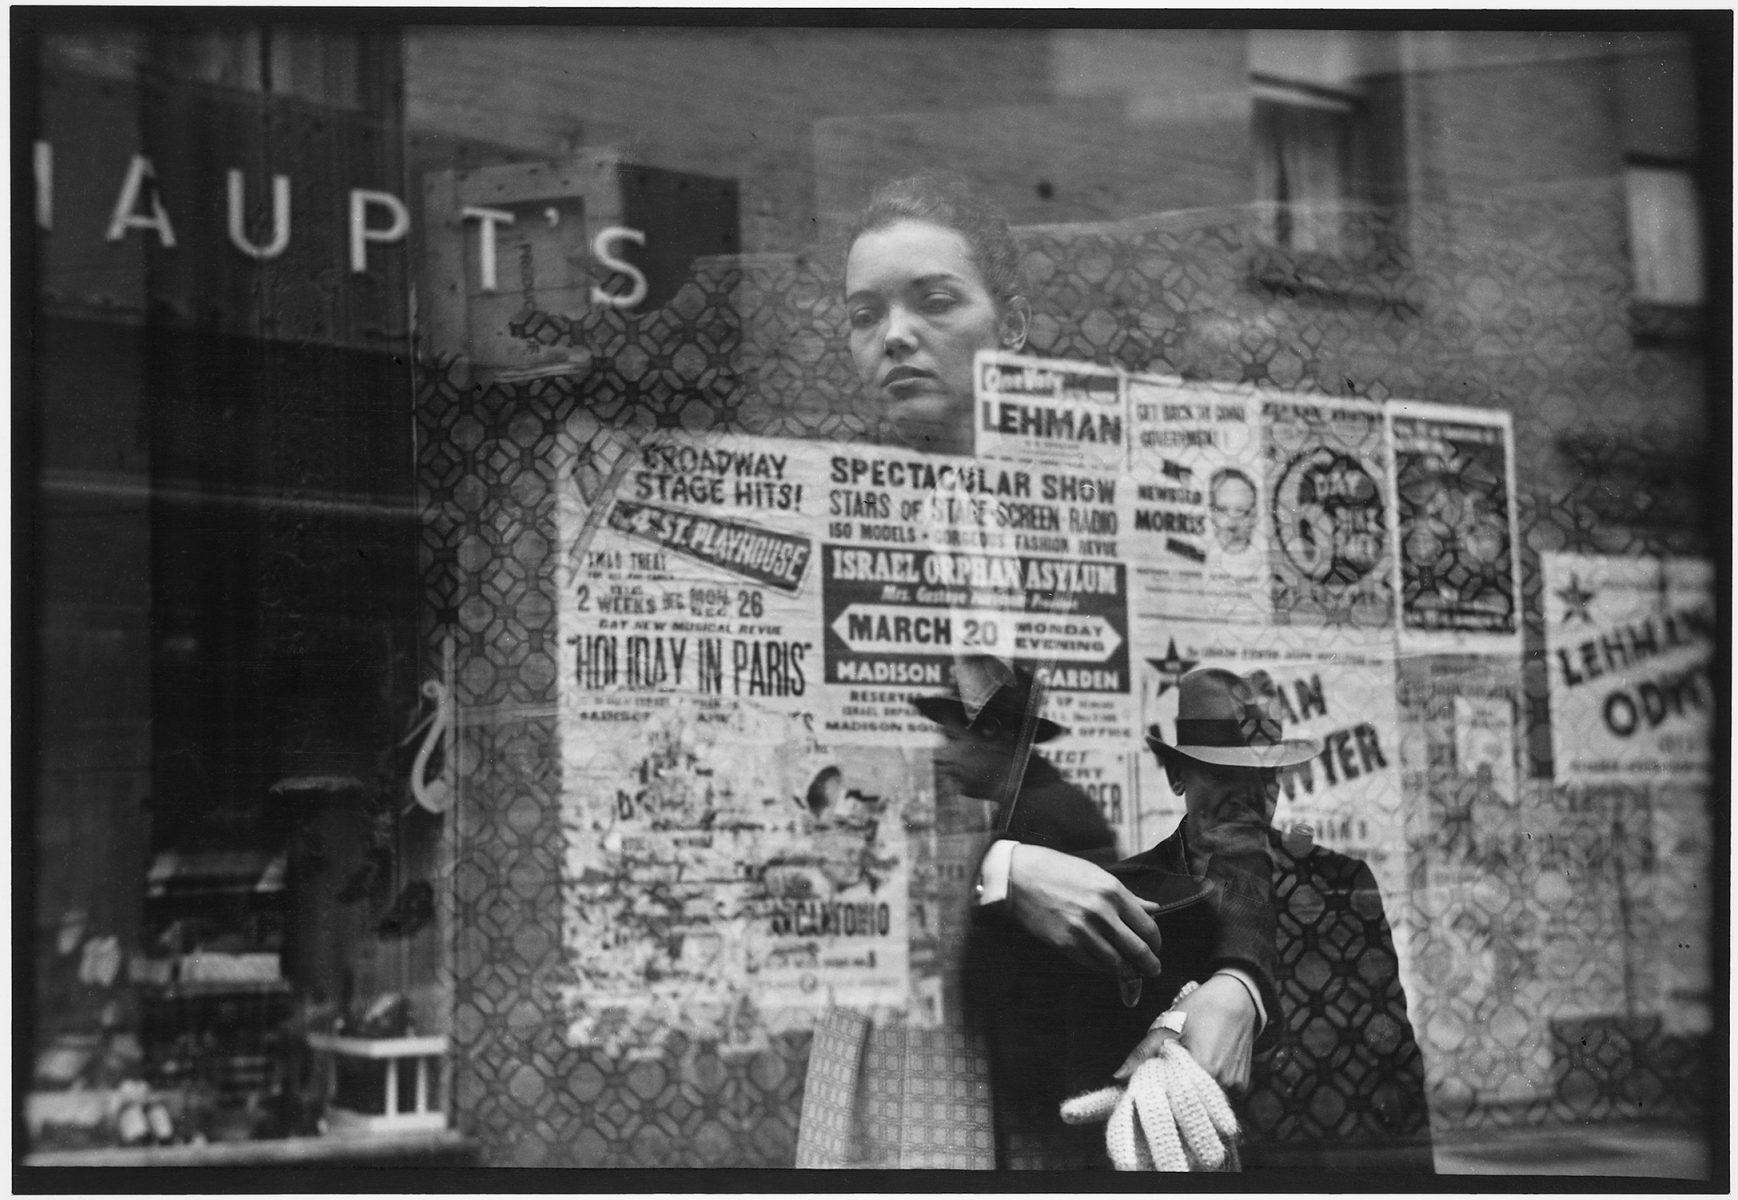 Photo en noir et blanc de Saul Leiter, femme regardant à travers la fenêtre, des affiches, des reflets